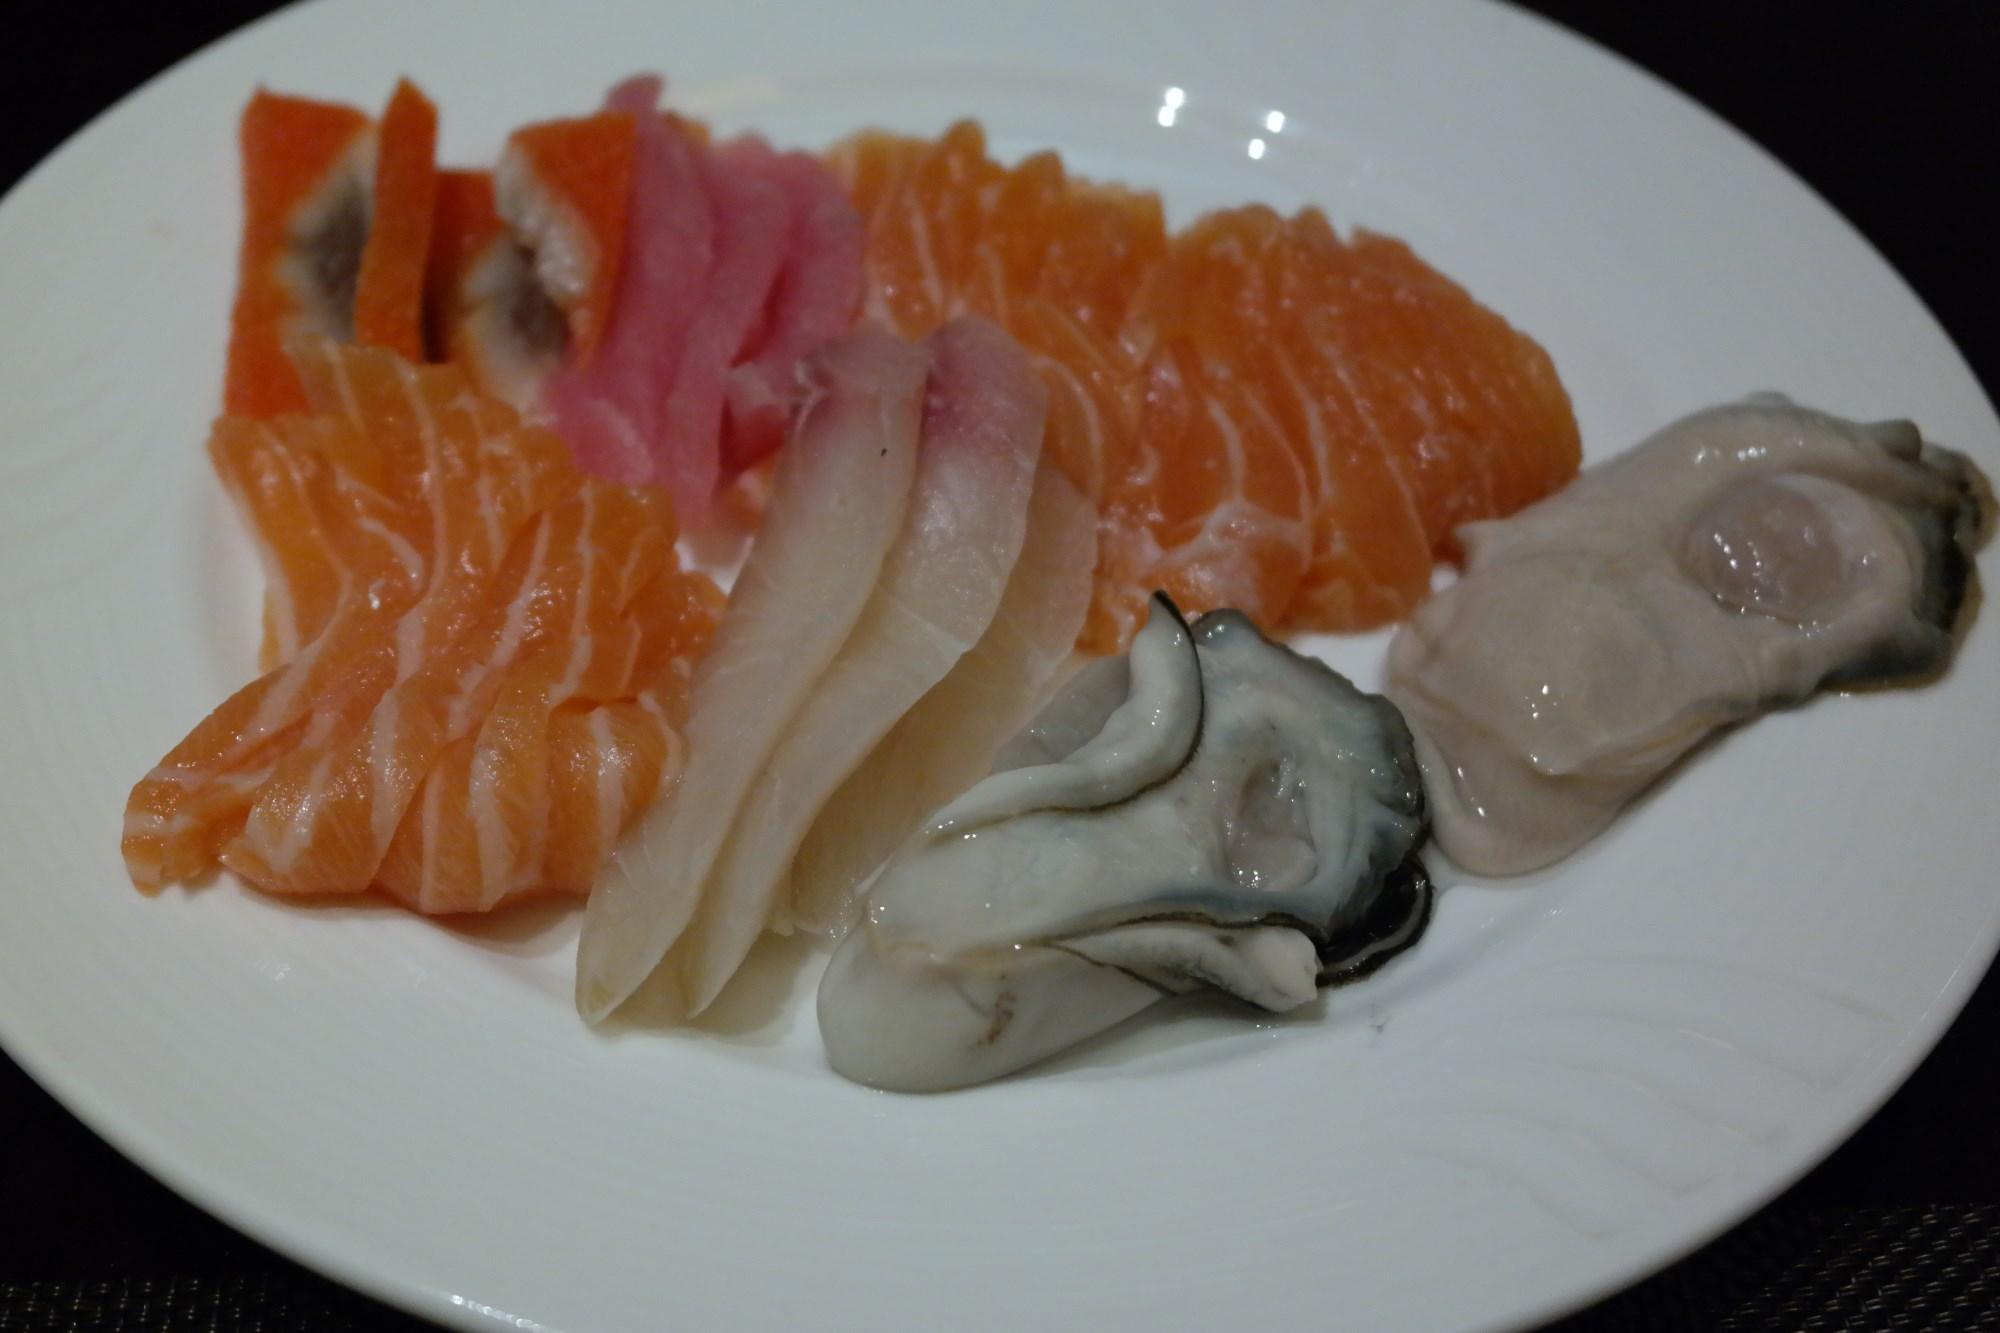 【酒店体验】【南京】静享一回优质的美味生活 - bestfood美食中国 - bestfood美食中国的博客